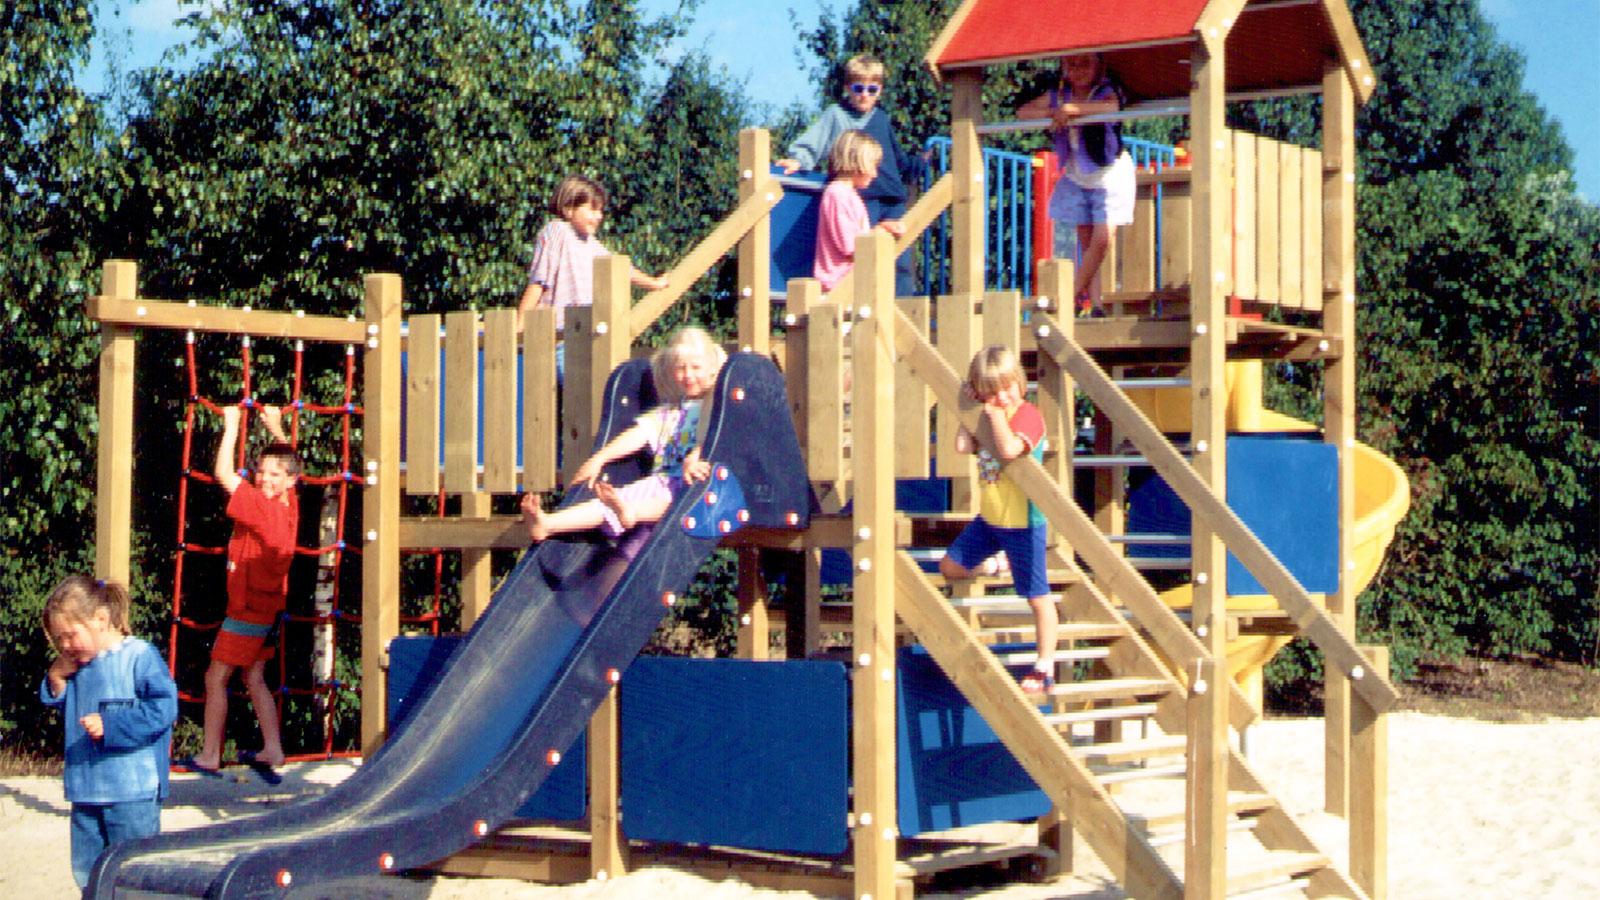 Wico Comfa - Houten Kasteel - Kinderhout - Speelhuis - Speeltoestellen